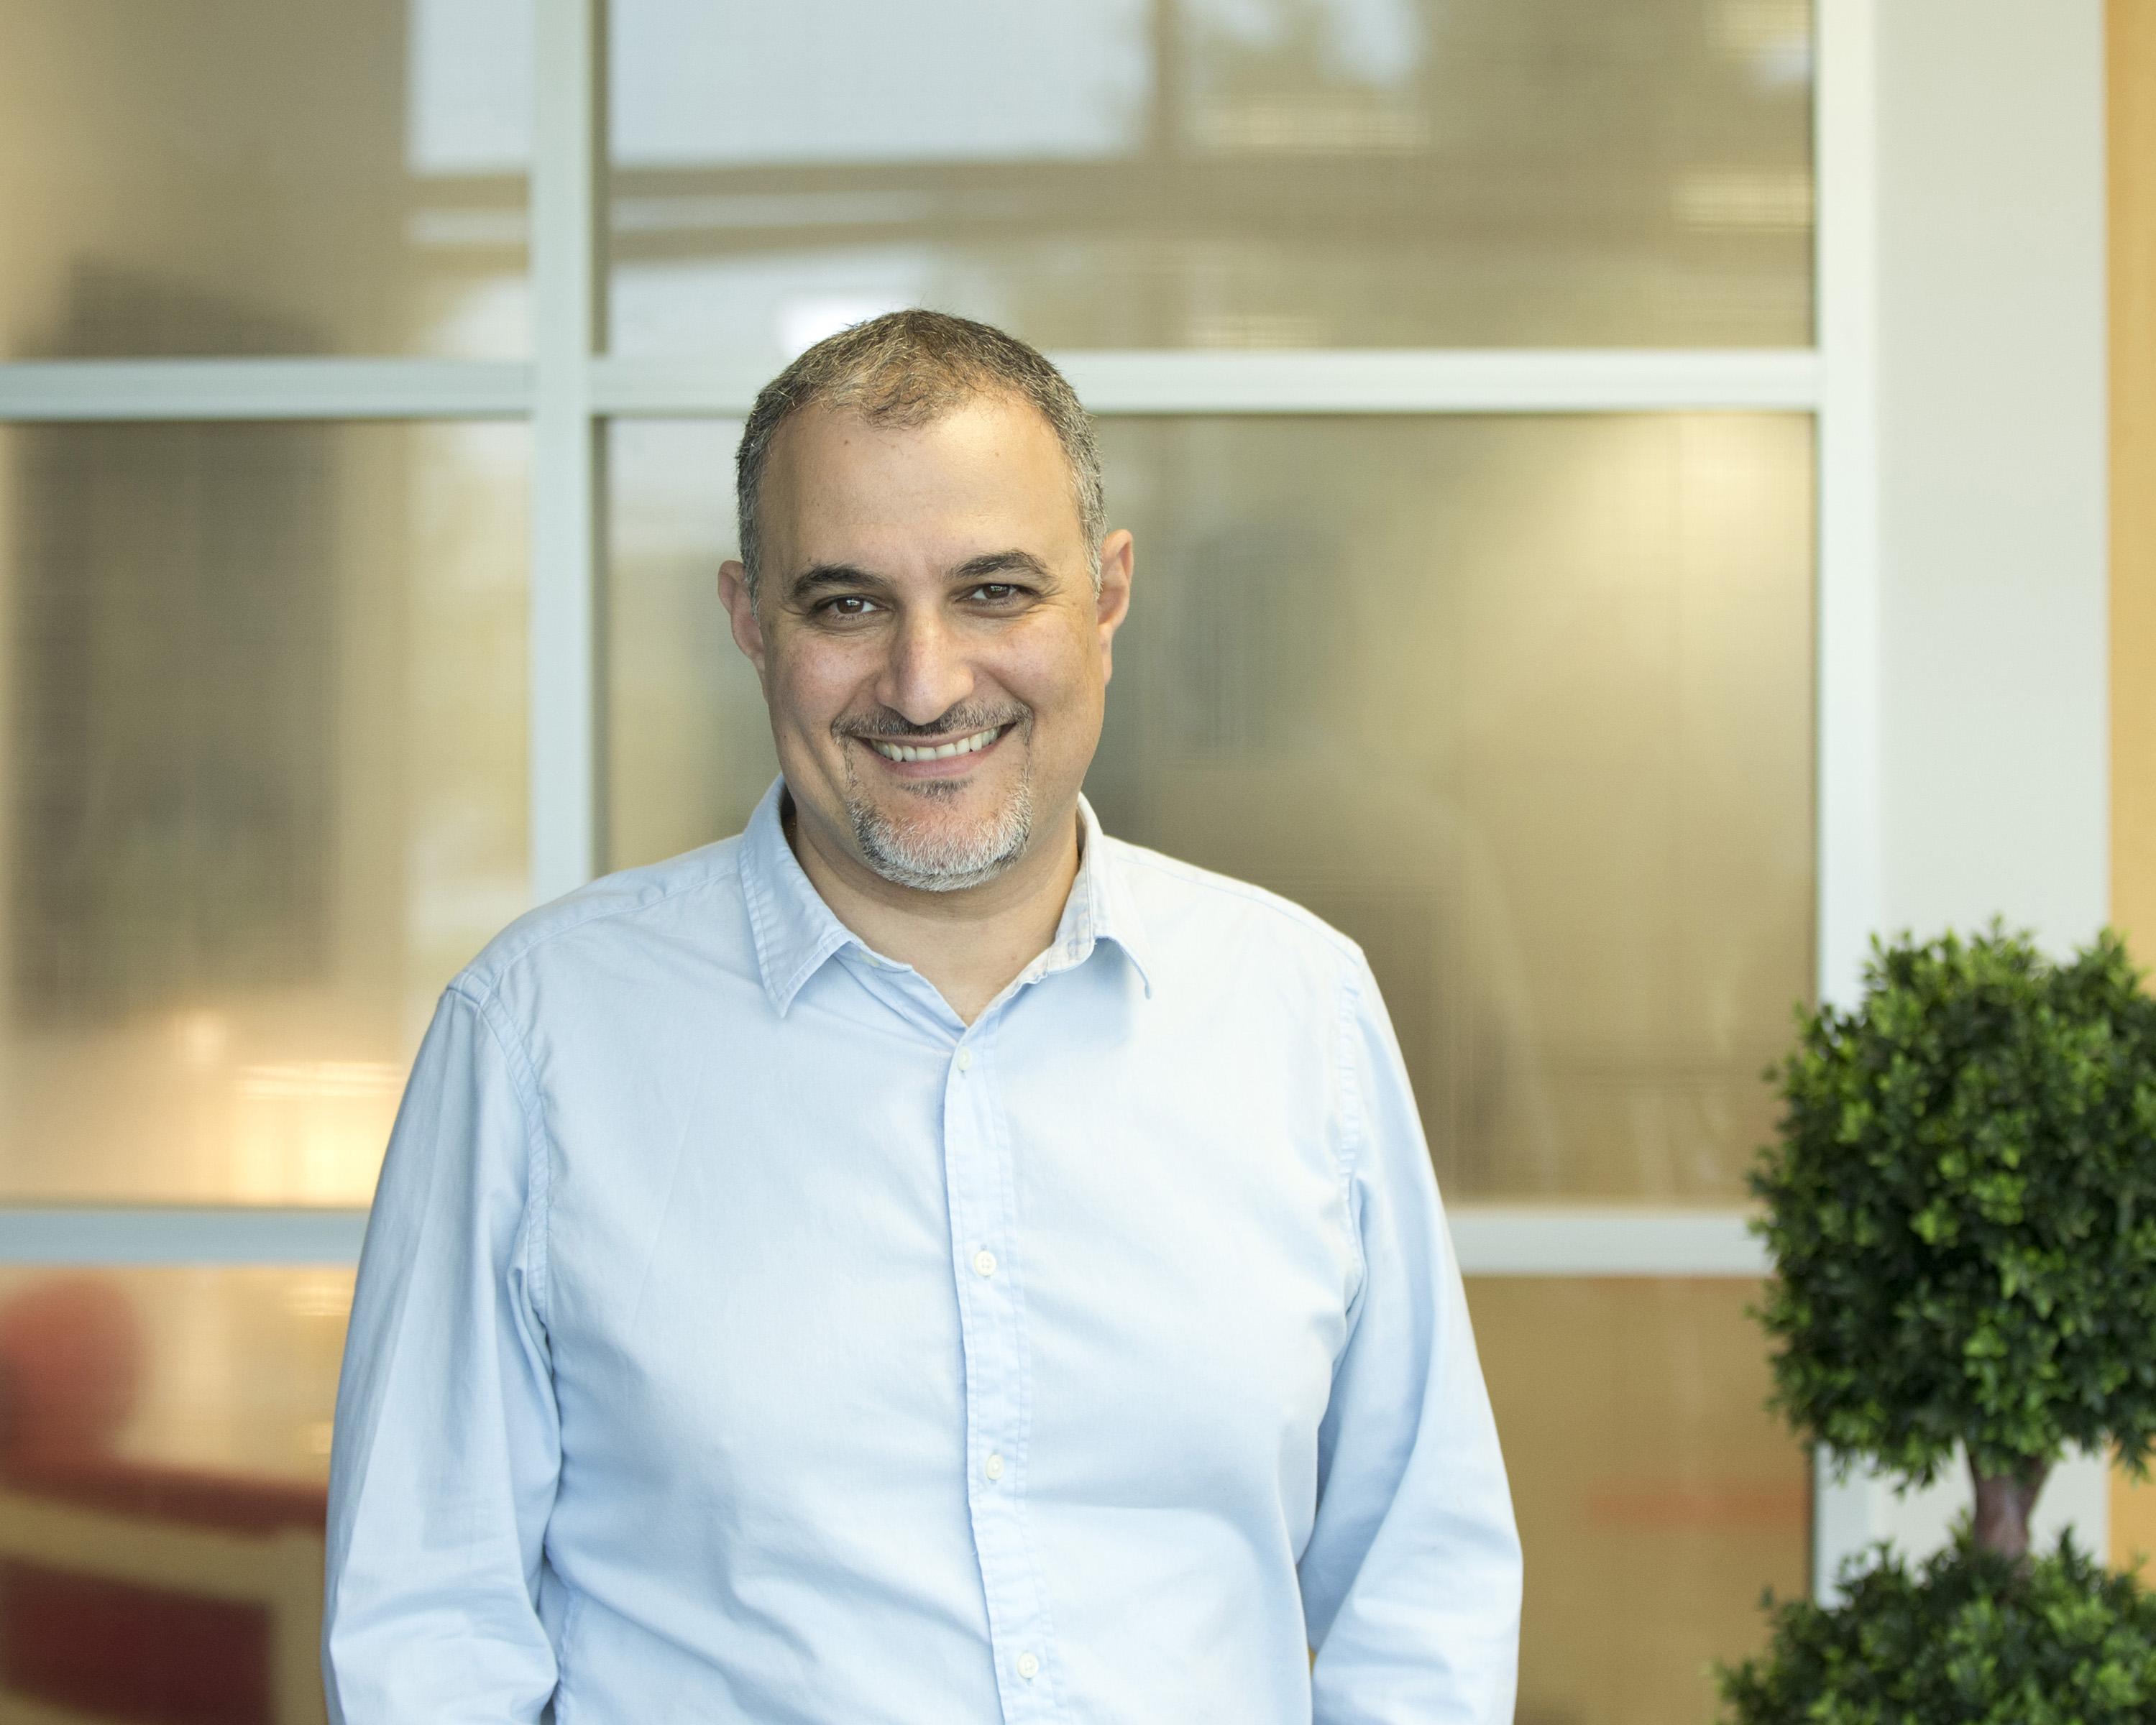 Mario Salman